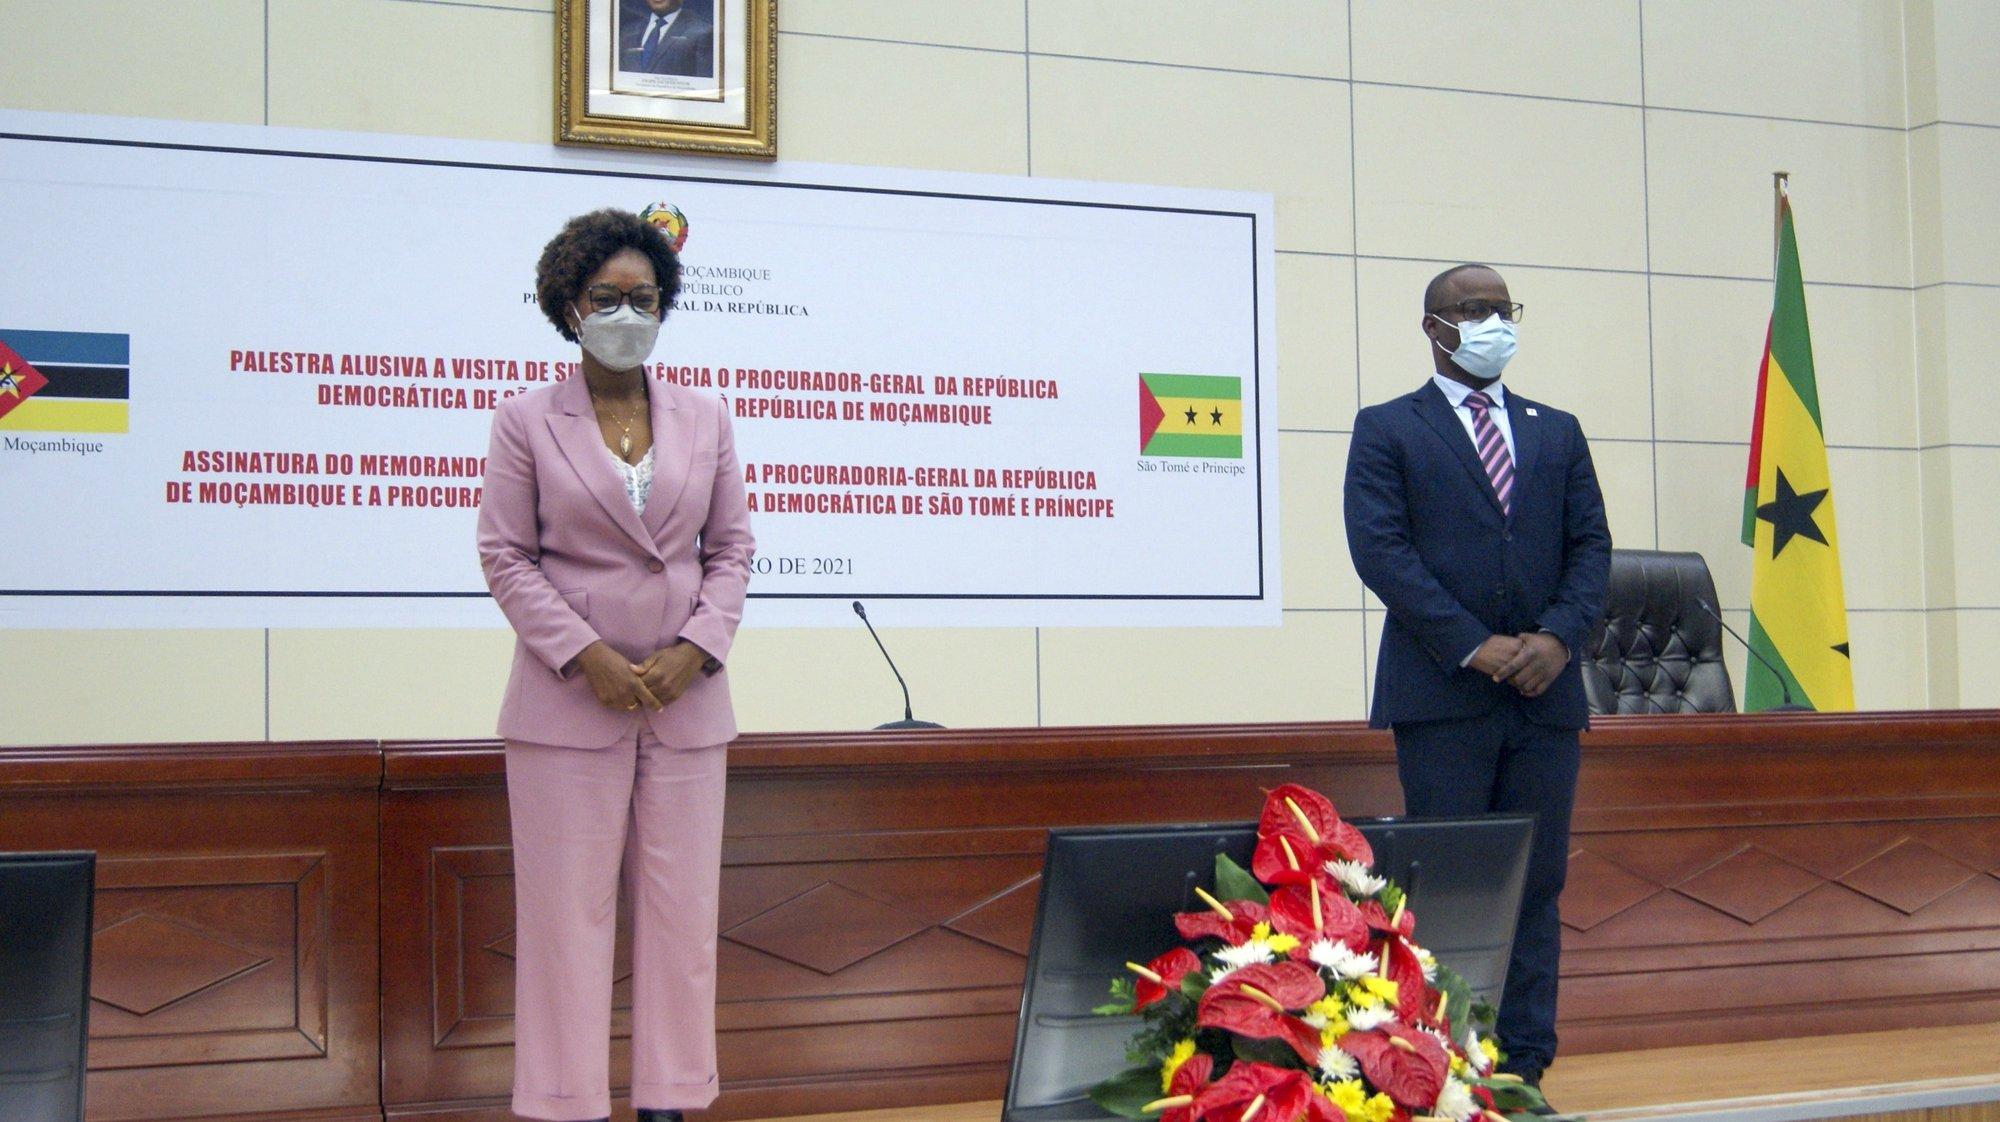 Beatriz Buchili (E), procuradora-geral de Moçambique e Kelve Nobre de Carvalho (D) procurador-geral de São Tomé e Príncipe durante assinatura de memorando de entendimento para a cooperação jurídica e judiciária em Maputo, Moçambique, 21 de setembro de 2021. O procurador-geral de São Tomé e Príncipe, Kelve Nobre de Carvalho, está em Moçambique desde segunda-feira, numa visita de cinco dias. (ACOMPANHA TEXTO) LUÍSA NHANTUMBO/LUSA